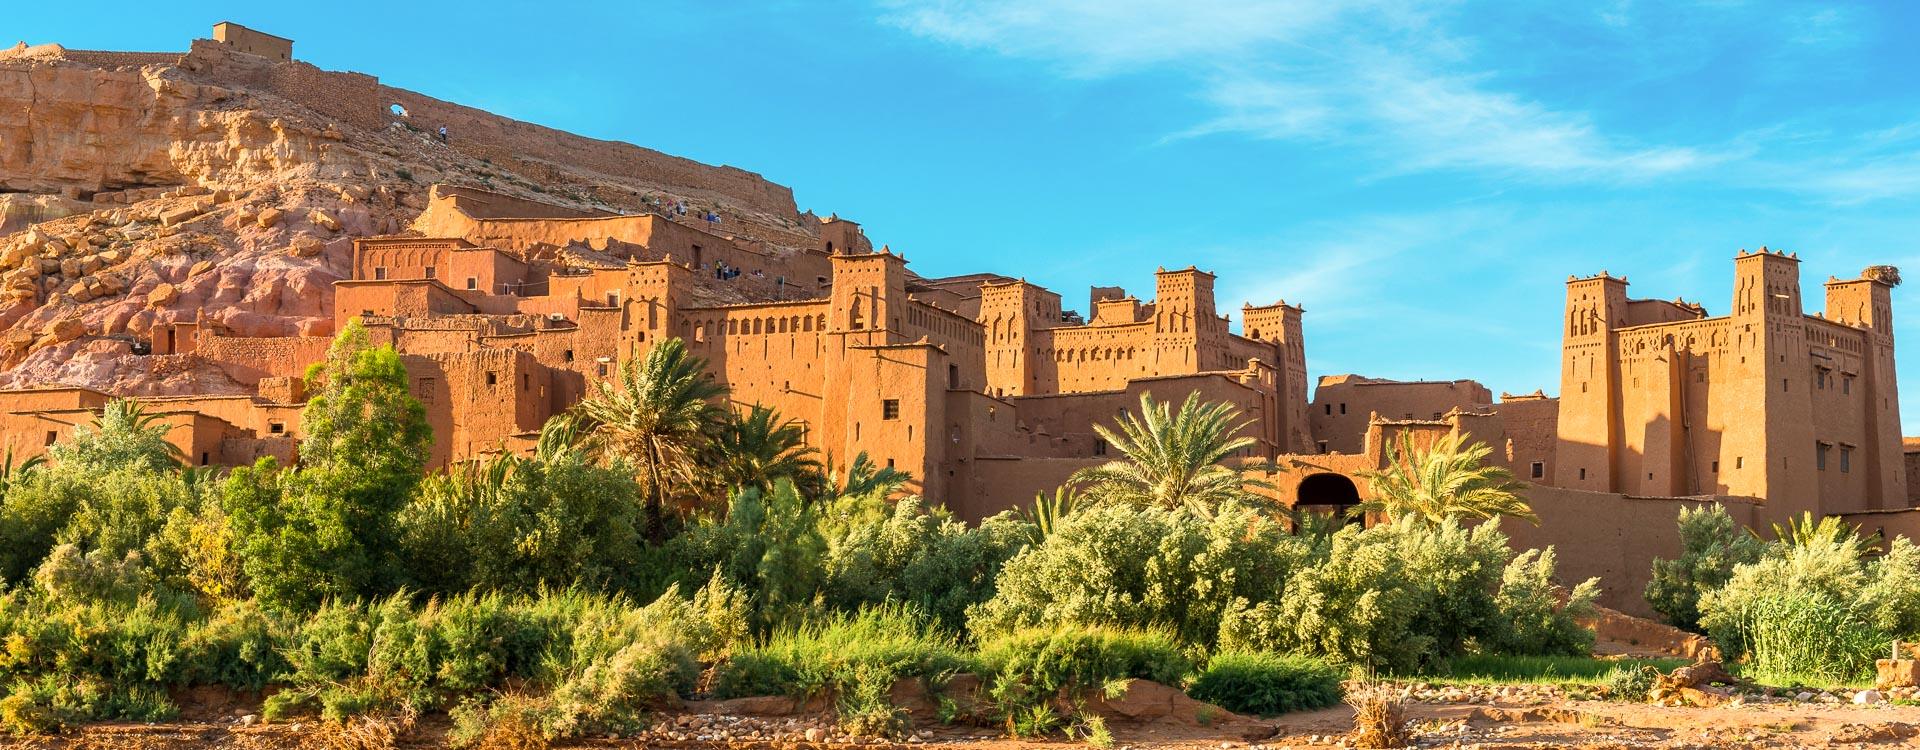 e-bike-reisen-Marokko1.jpg